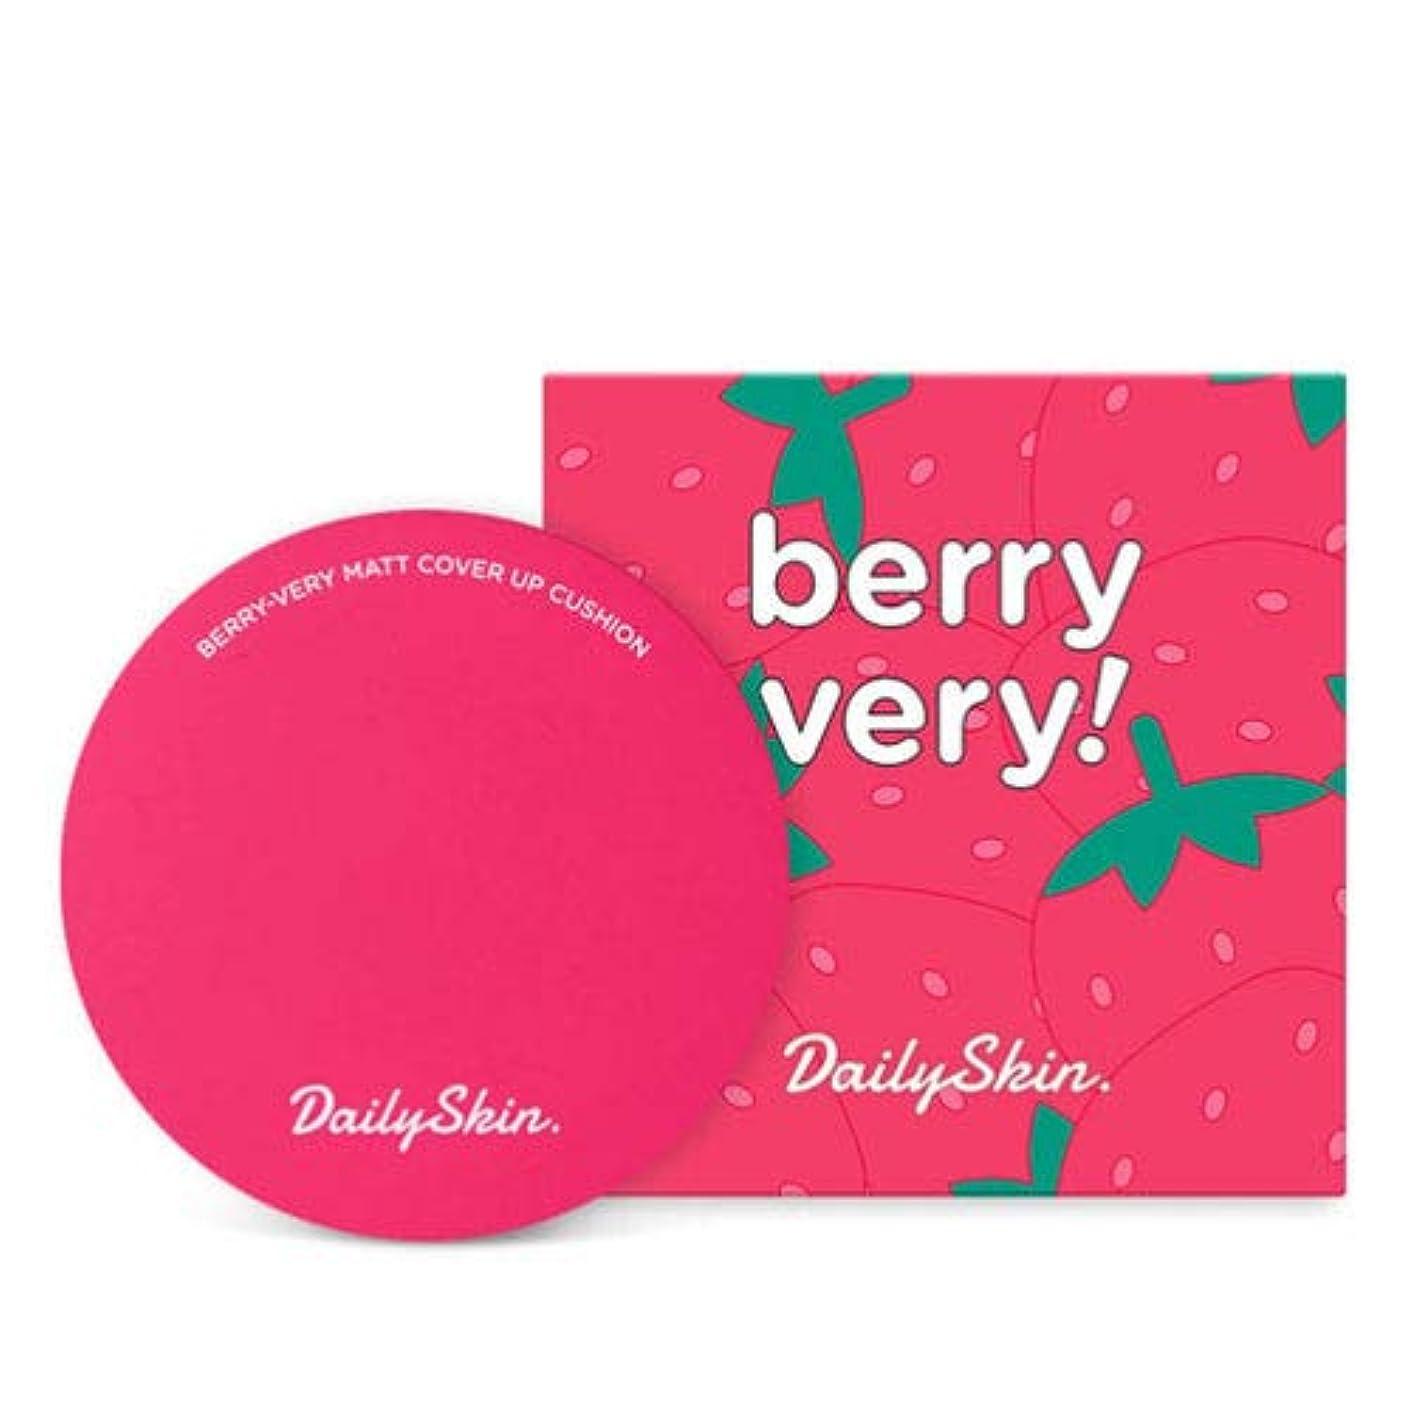 イル有名その他Daily Skin Berry Very Matt Cover Up Cushion (No.23 Berry Natural) ]デイリースキン いちごマット カバー アップ クッション [並行輸入品]